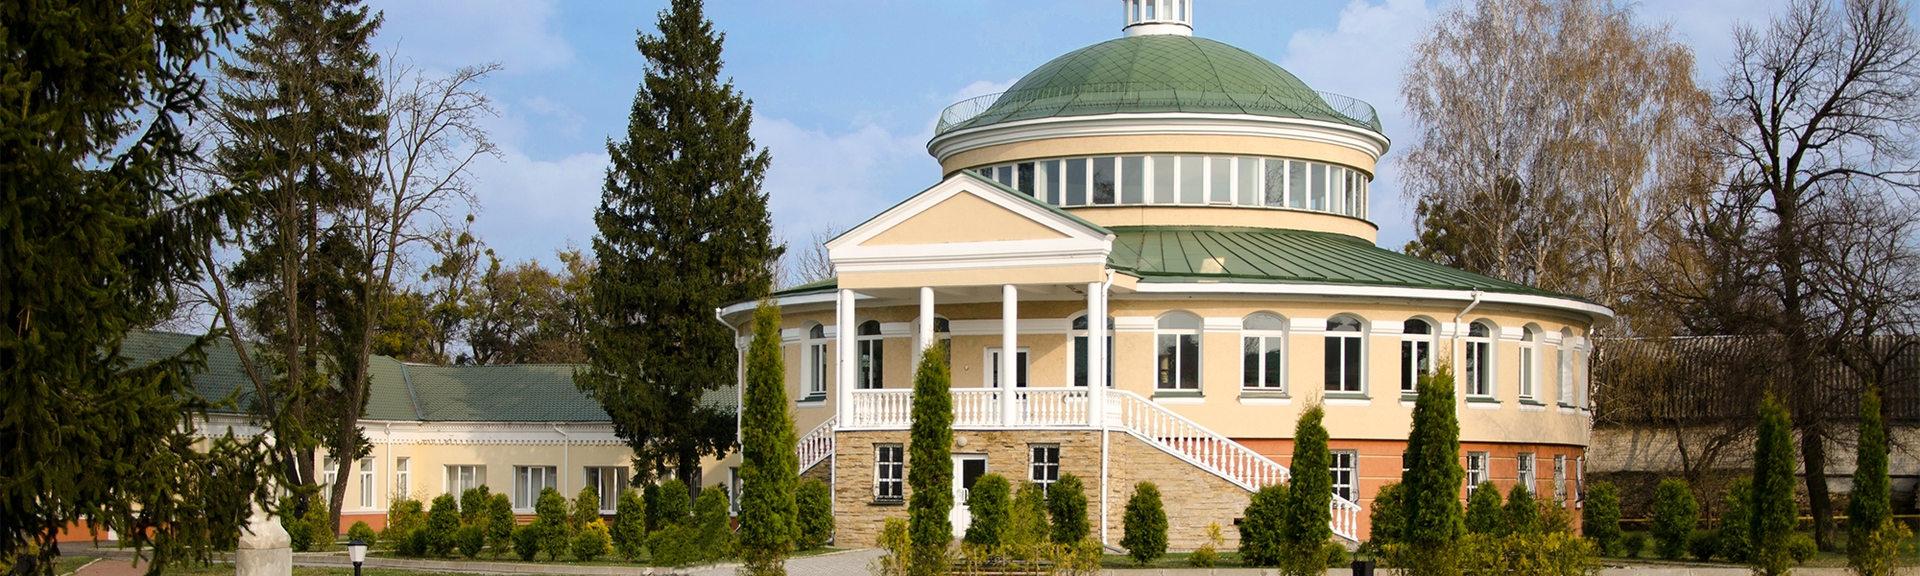 Острог став одним з 5 міст України, де досліджуватимуть корупційні ризики вишів